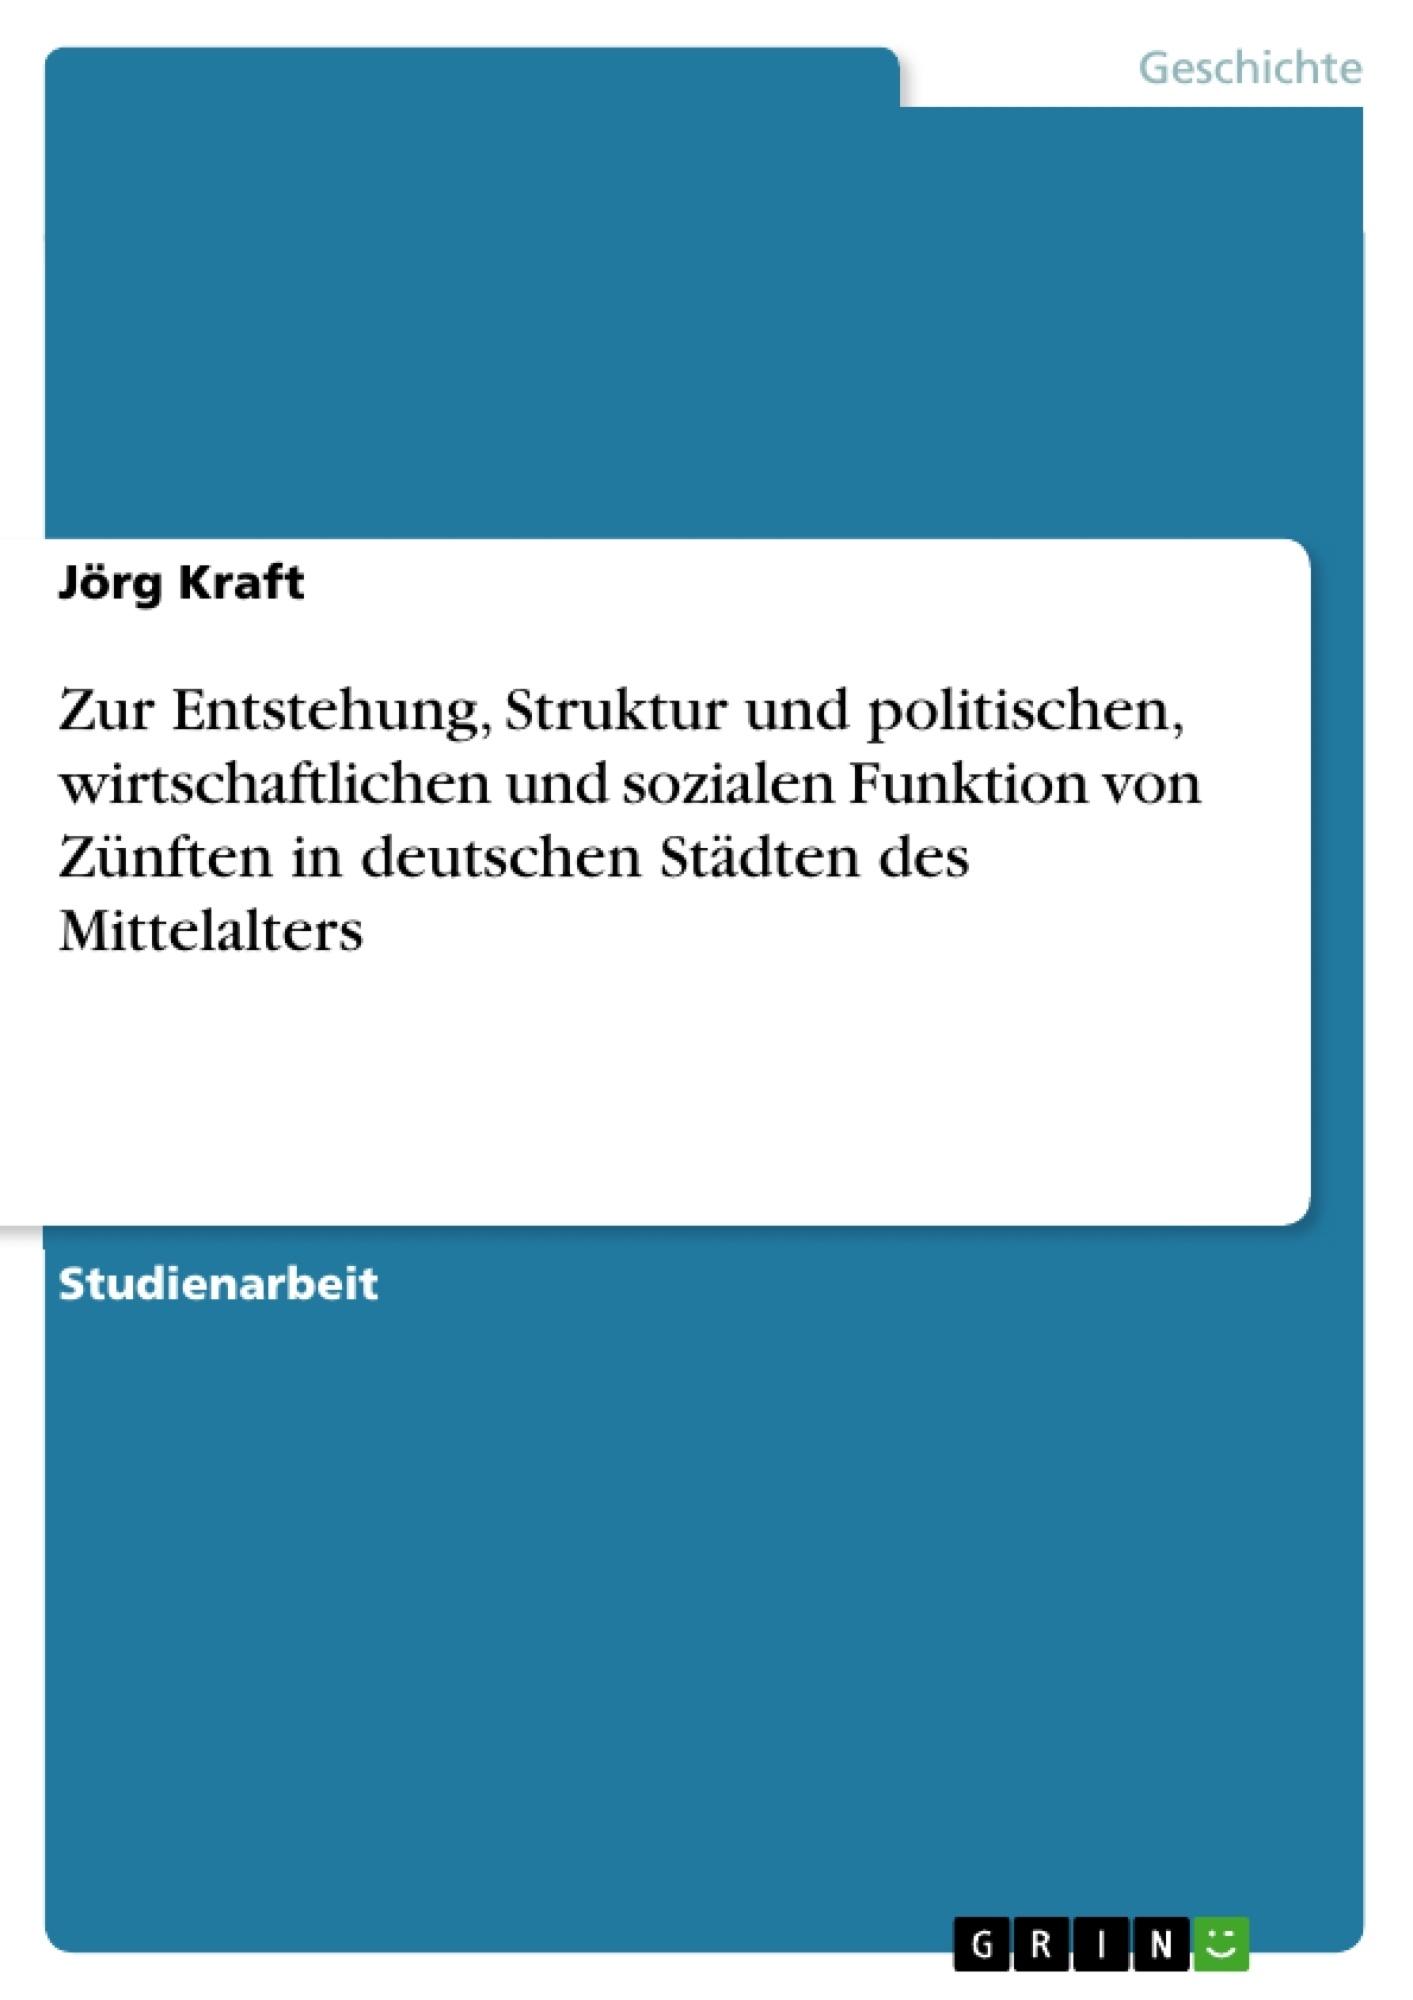 Titel: Zur Entstehung, Struktur und politischen, wirtschaftlichen und sozialen Funktion von Zünften in deutschen Städten des Mittelalters